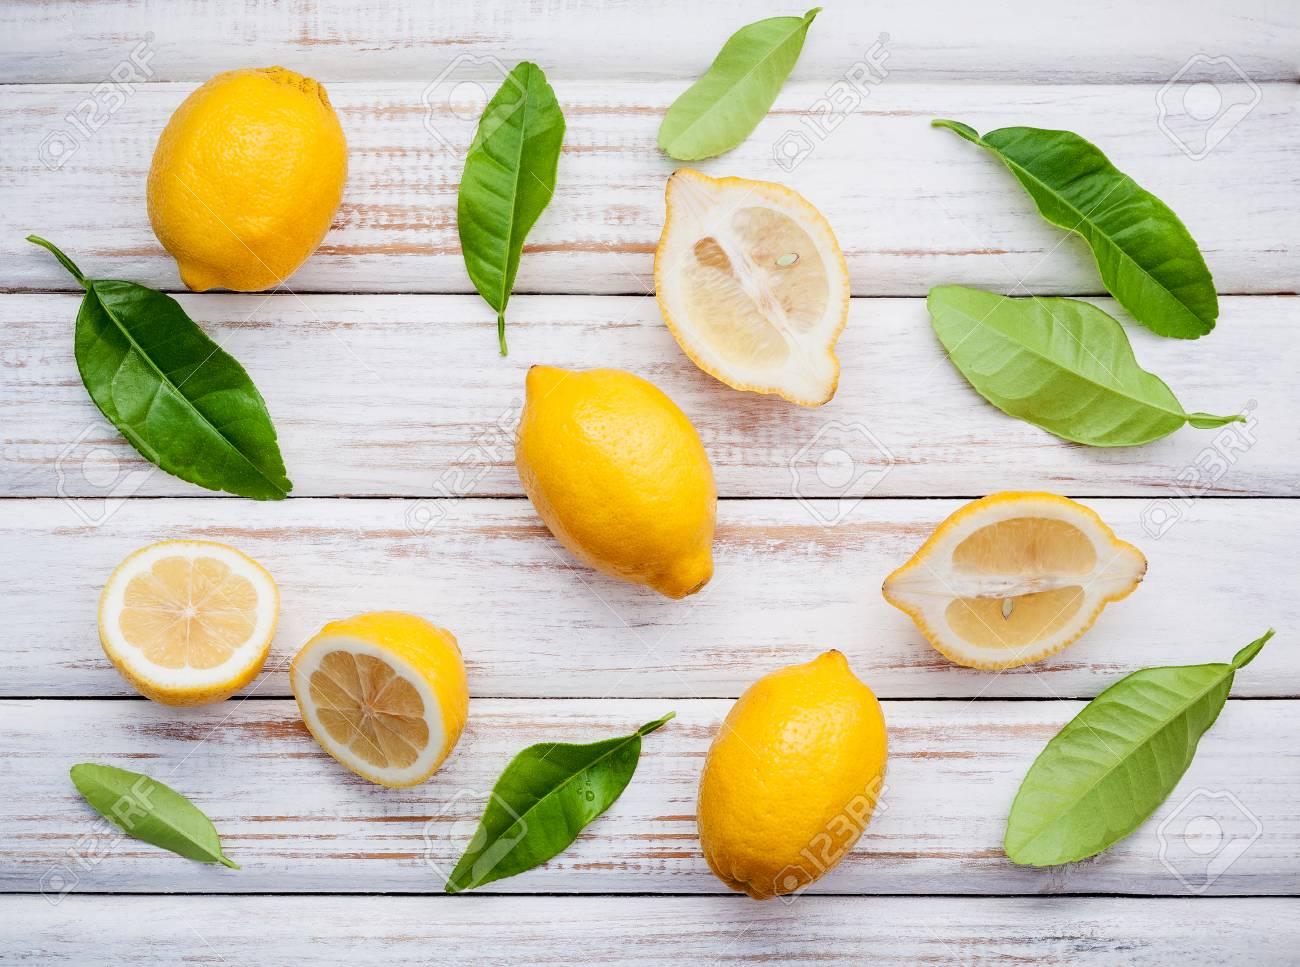 fresh lemons and lemons leaves on rustic wooden background